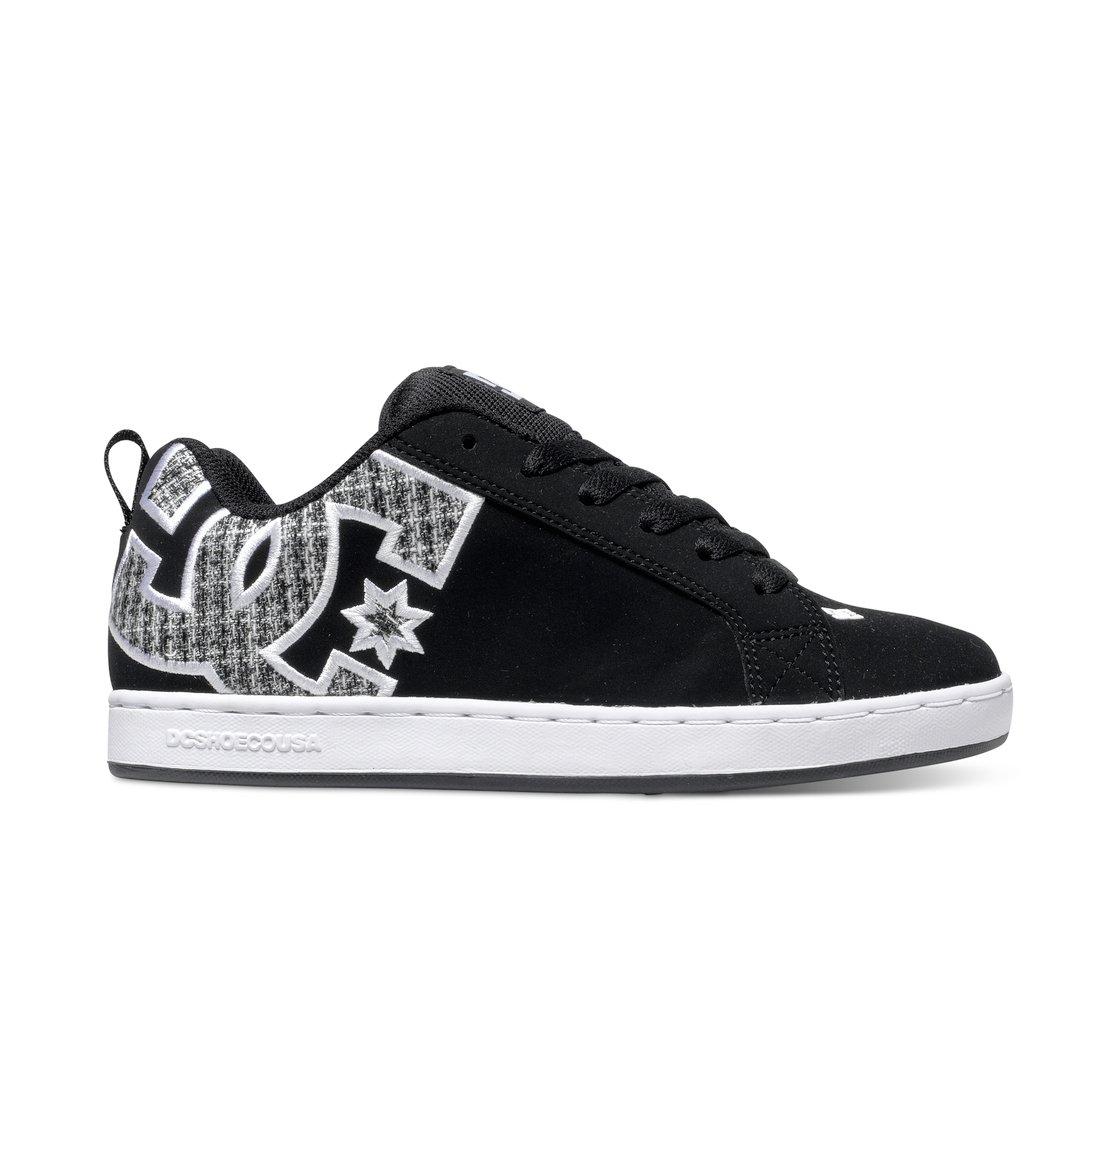 2d13f72751 Cheap dc shoes. Shoes online for women